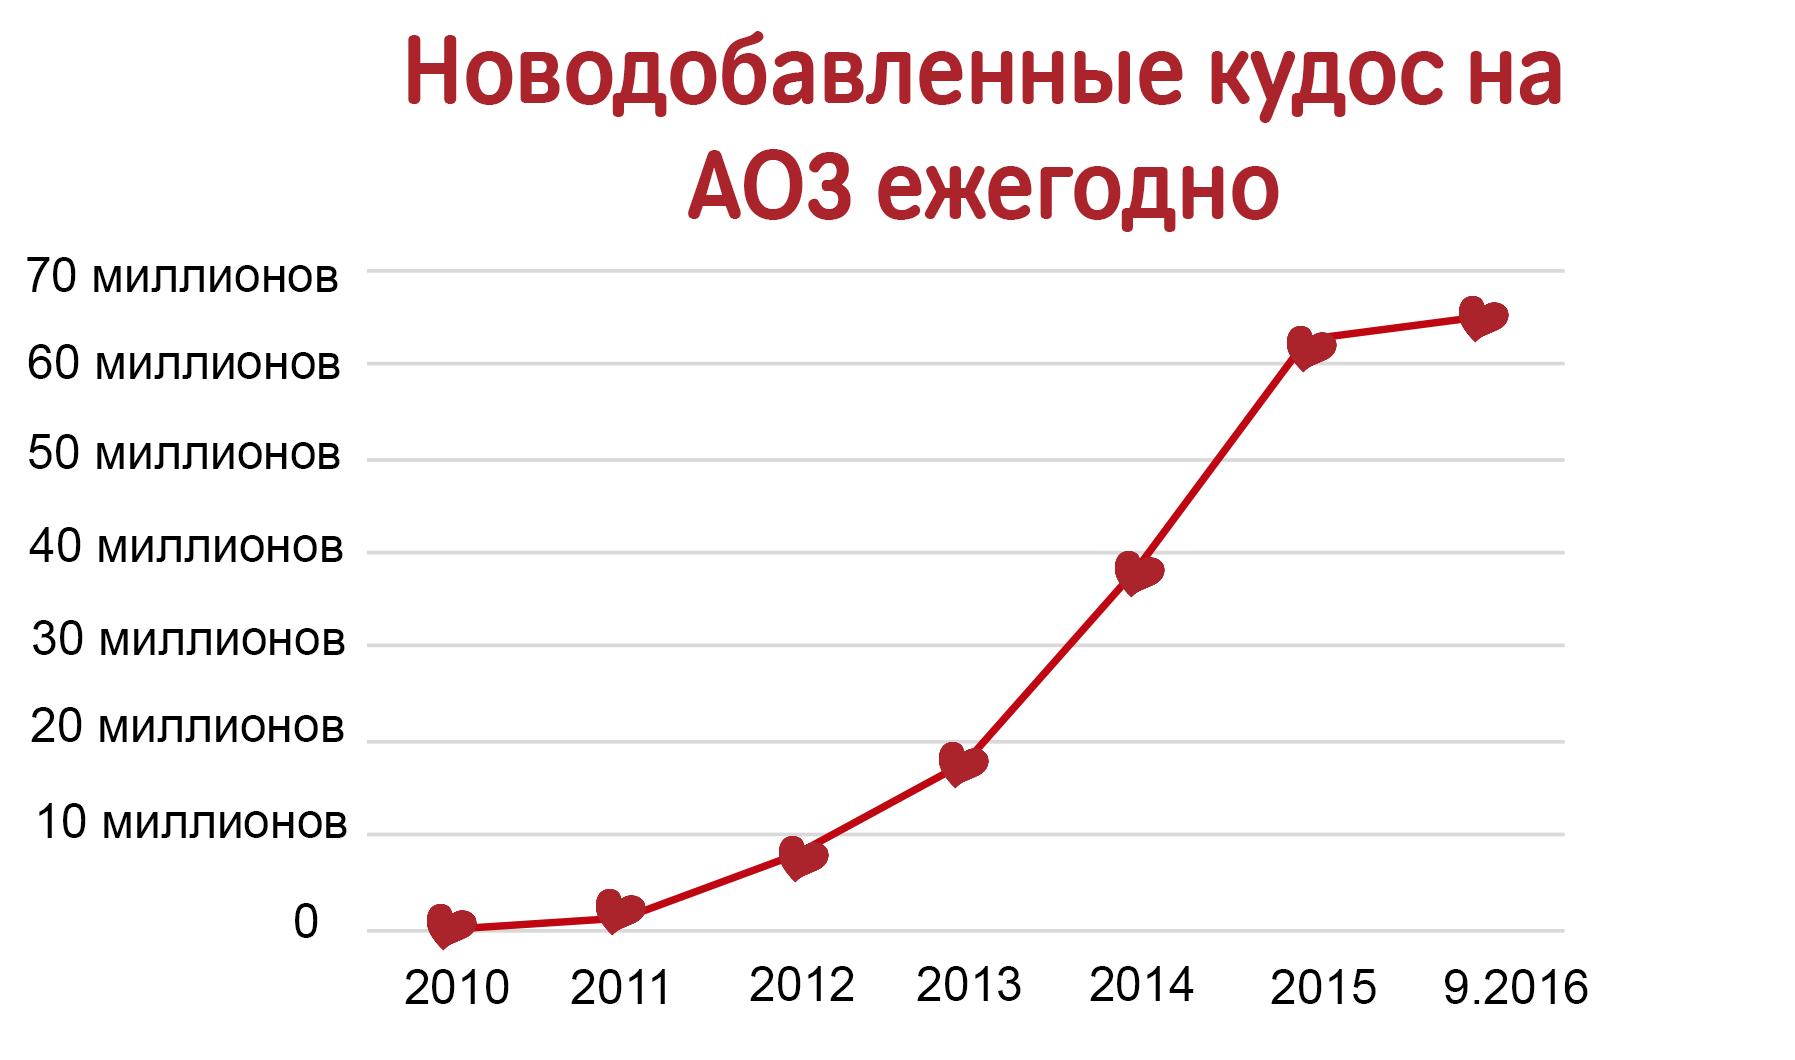 График роста количества кудос на AO3: с нуля в 2010 году к более чем 60 миллионам в сентябре 2016.